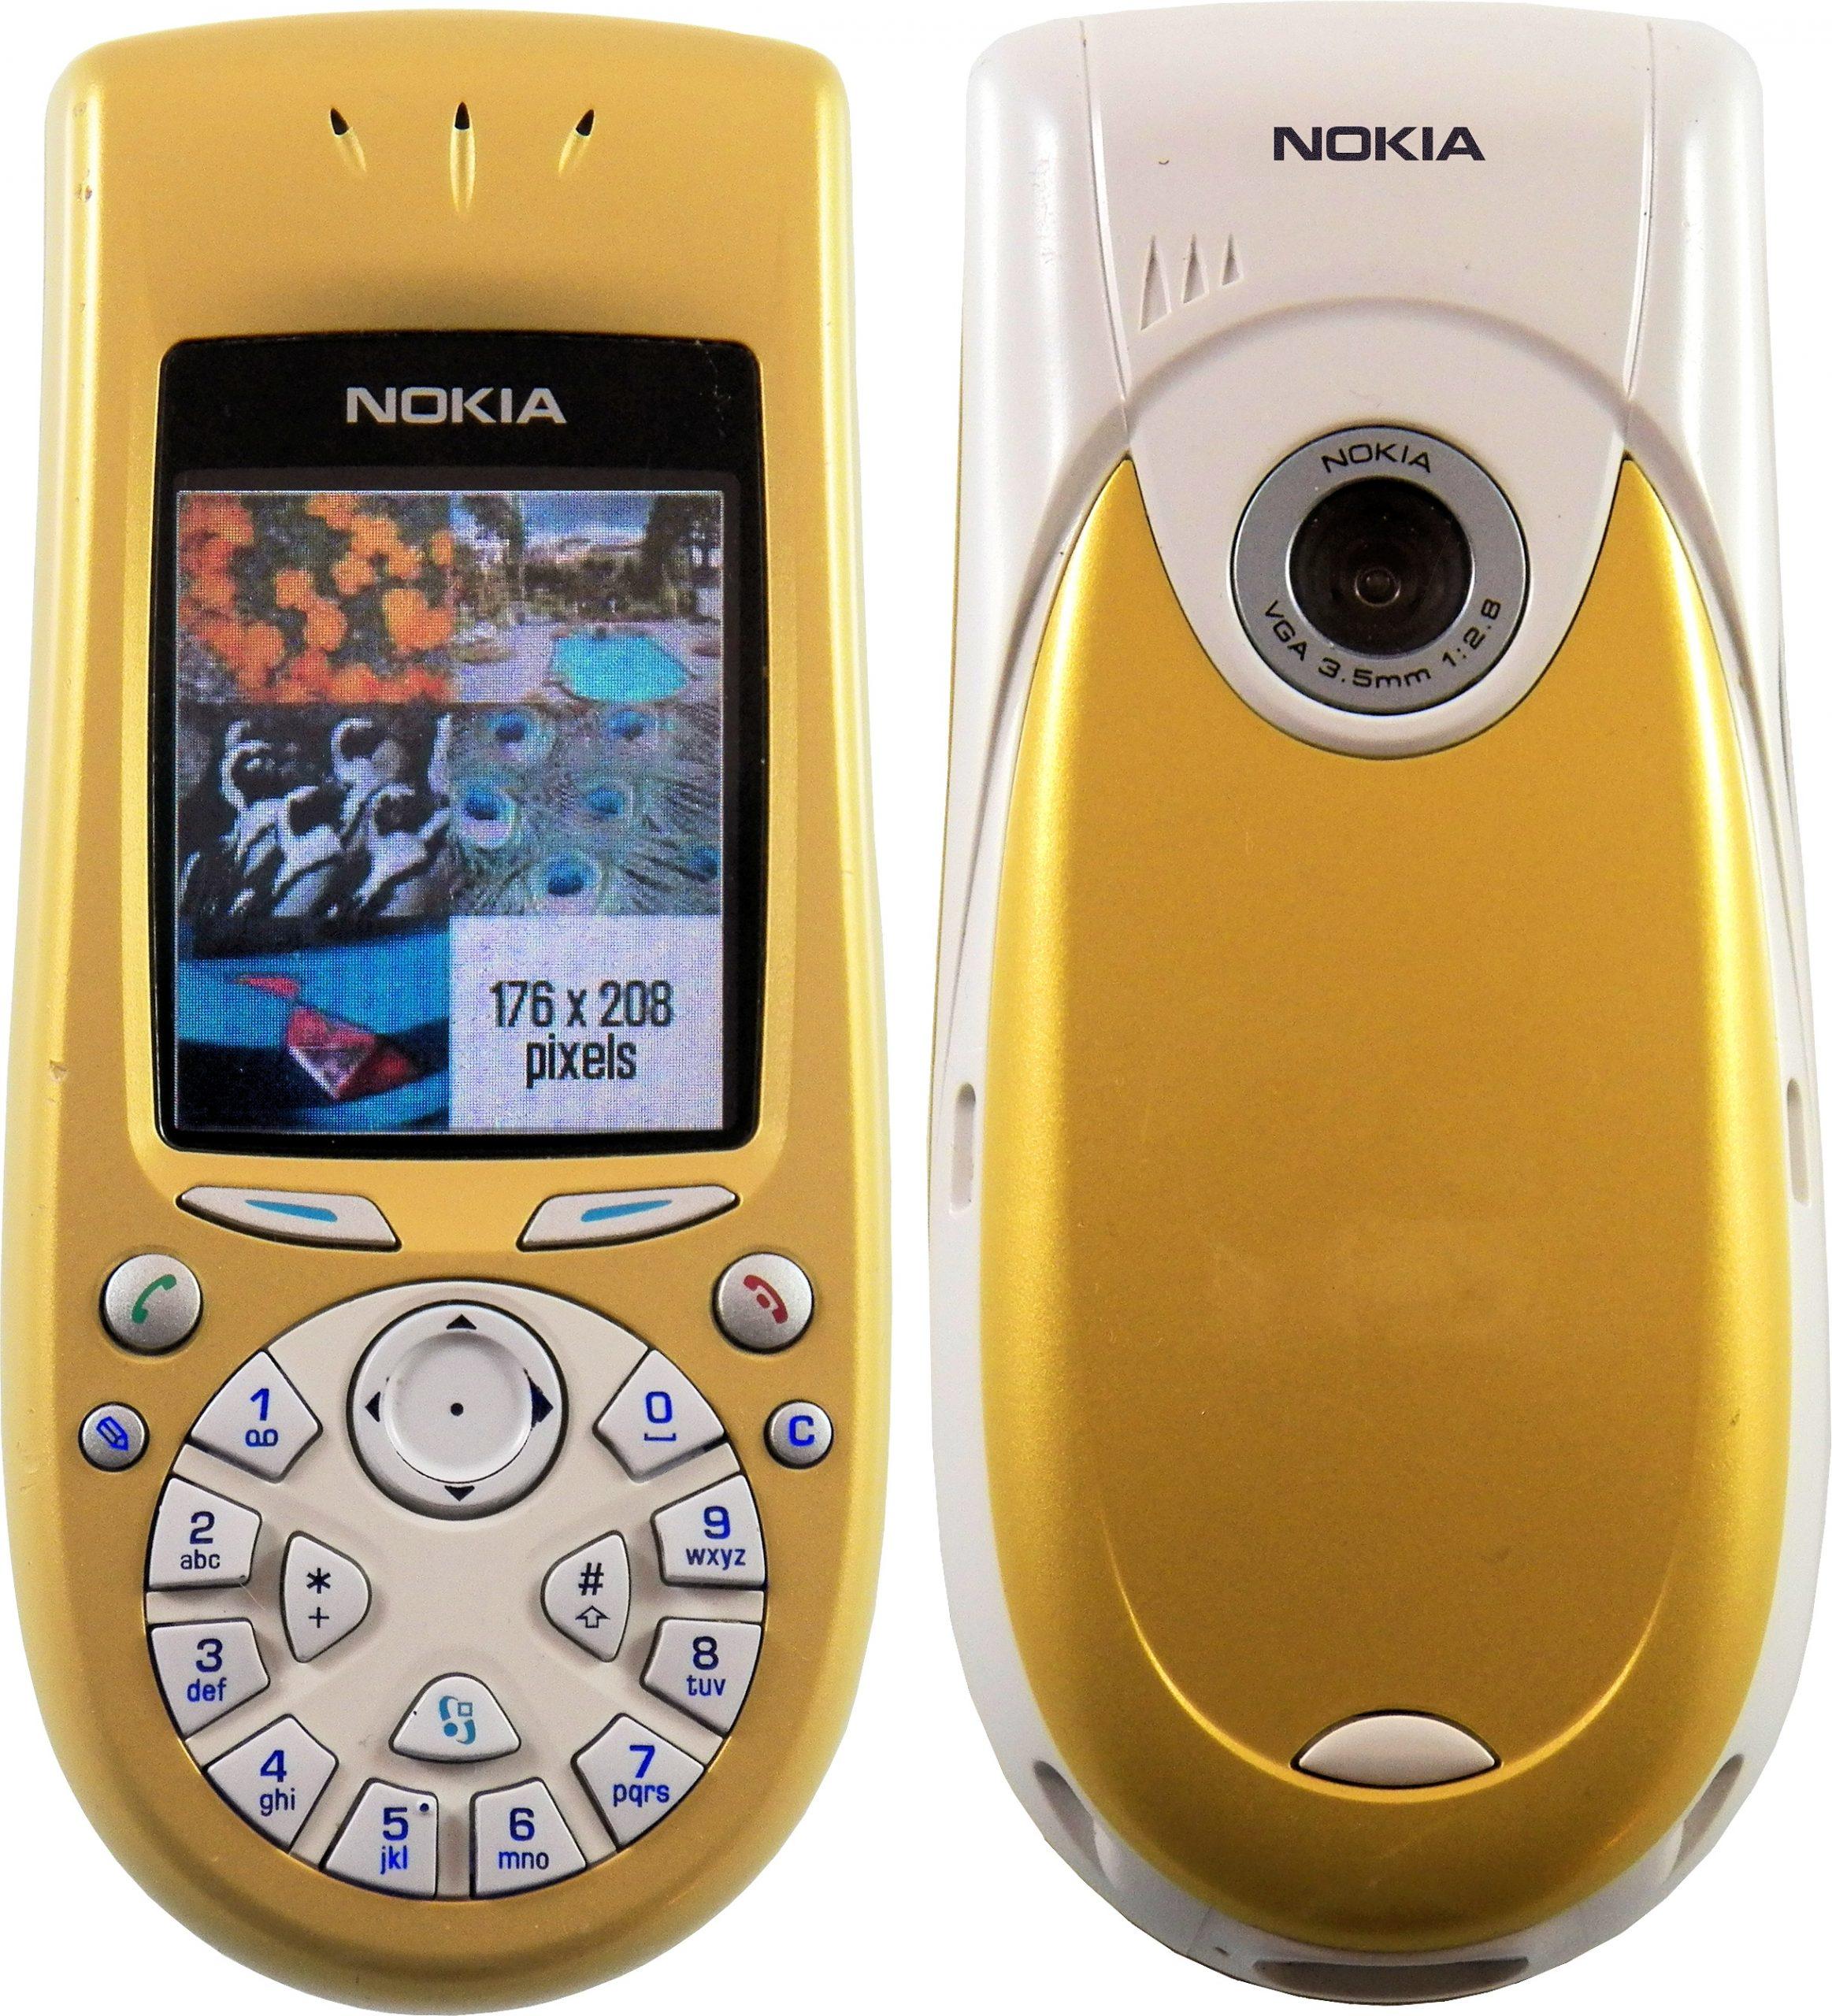 Передняя и задняя панель Nokia 3650